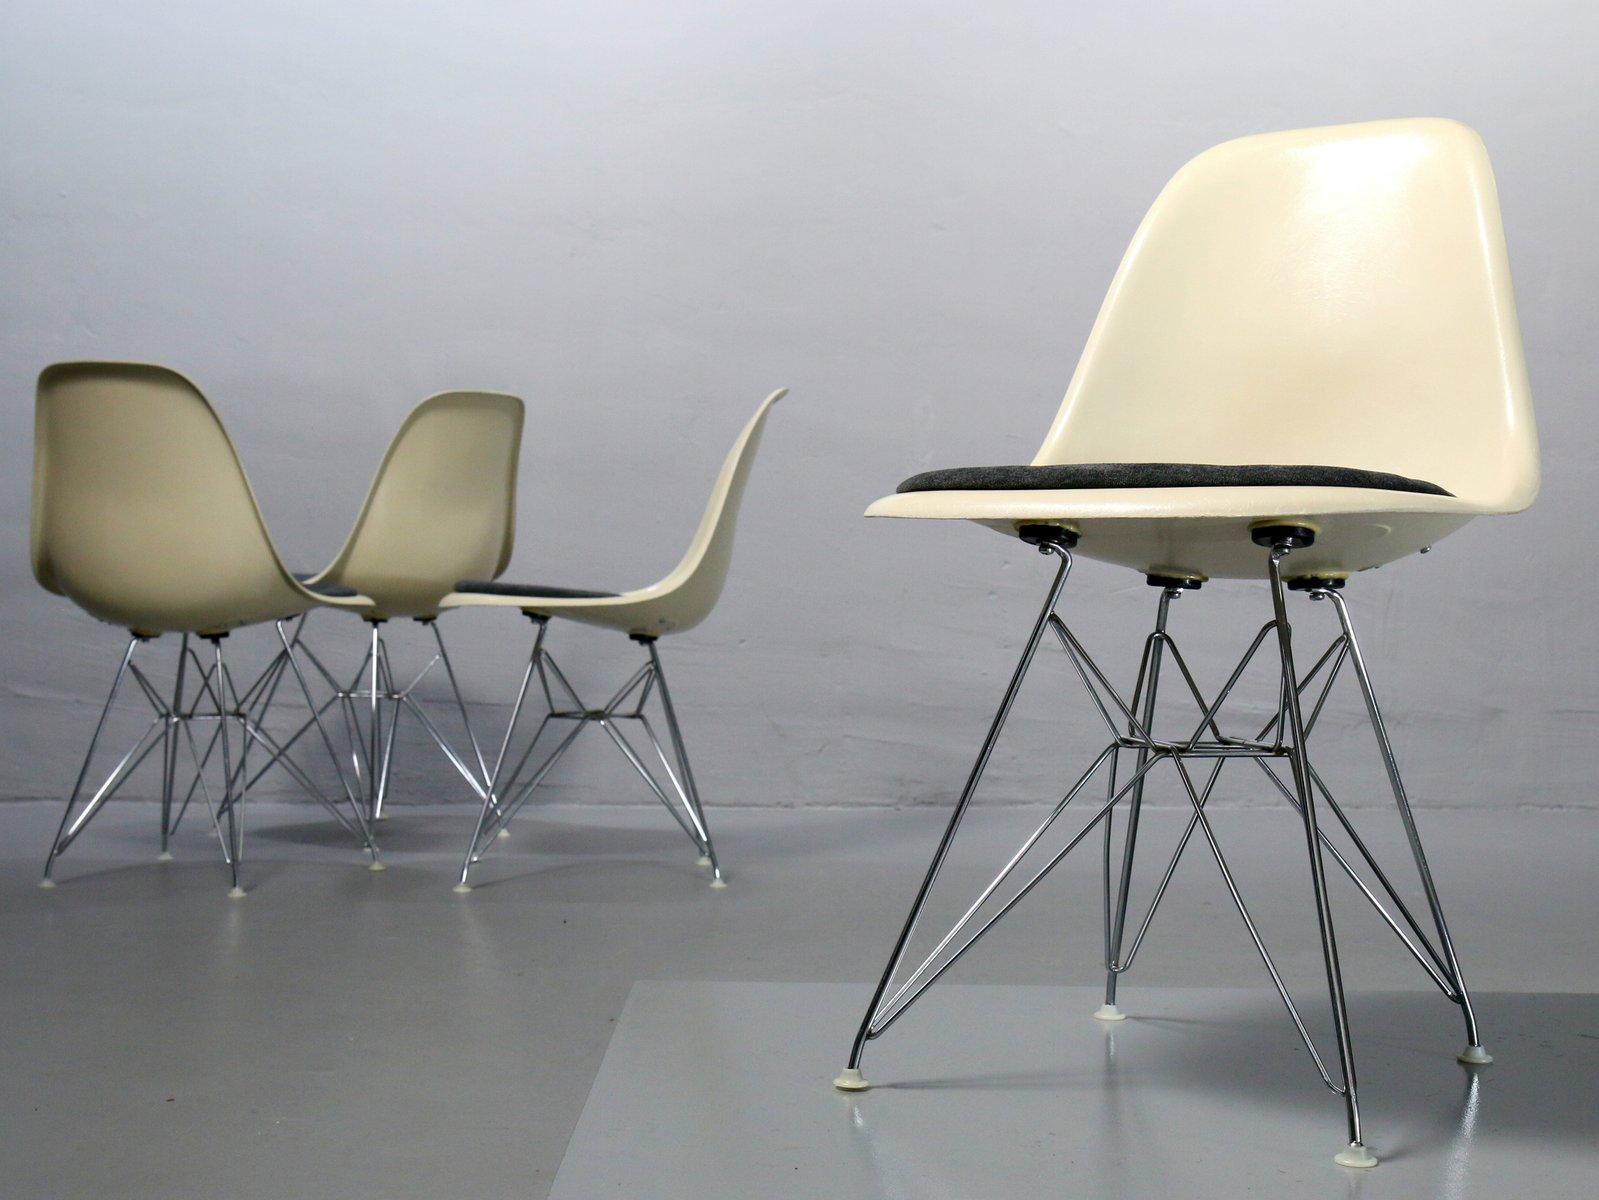 Feltrini Per Sedie Di Metallo : Sedie vintage di charles ray eames per vitra set di in